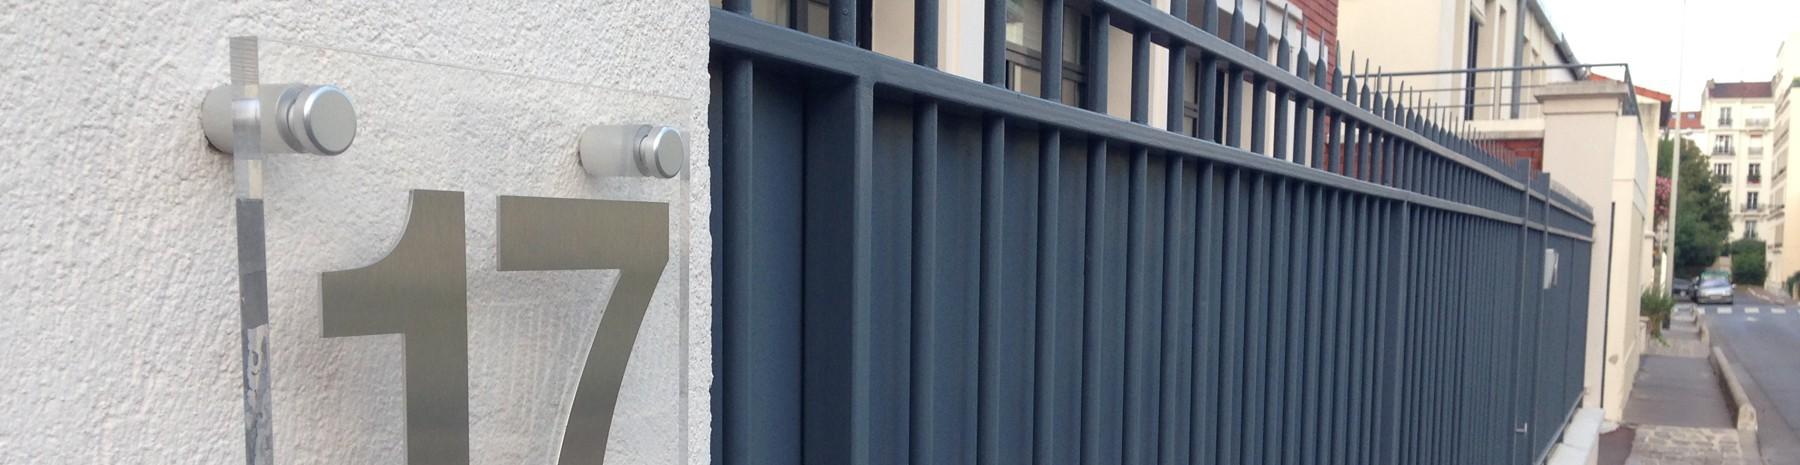 Fixation murale noir pour système d'affichage et signalétique